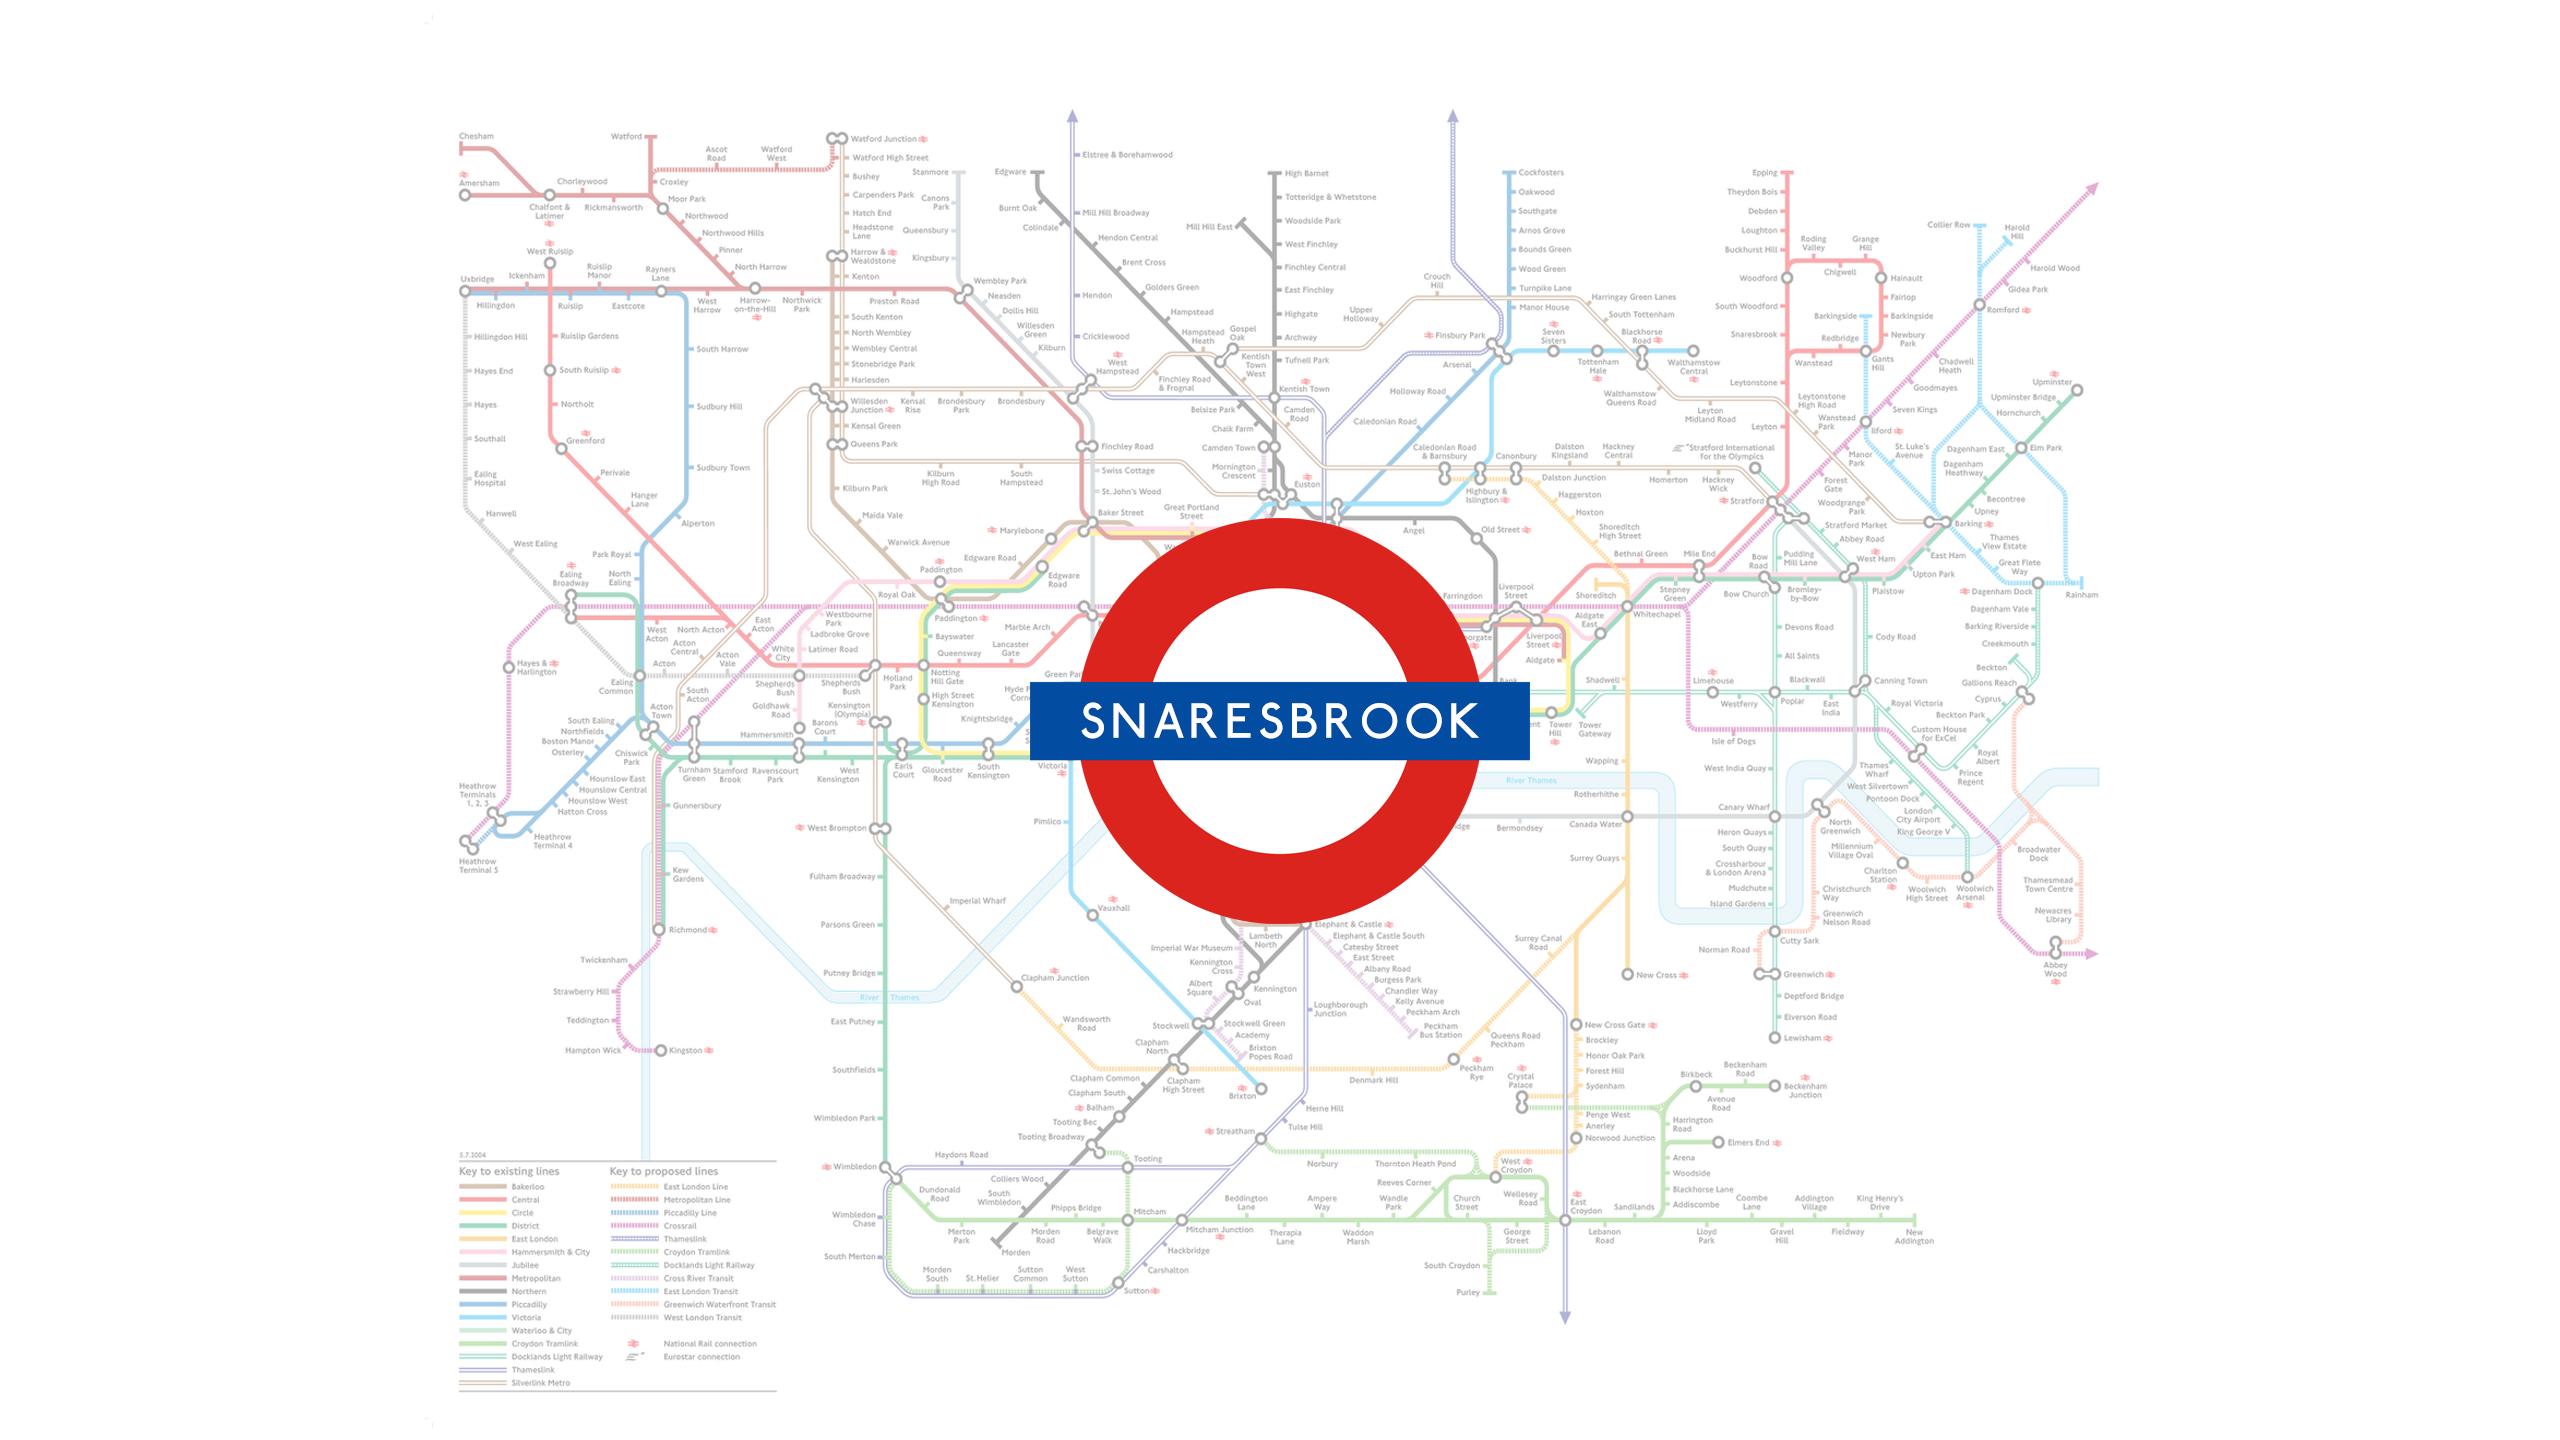 Snaresbrook (Map)